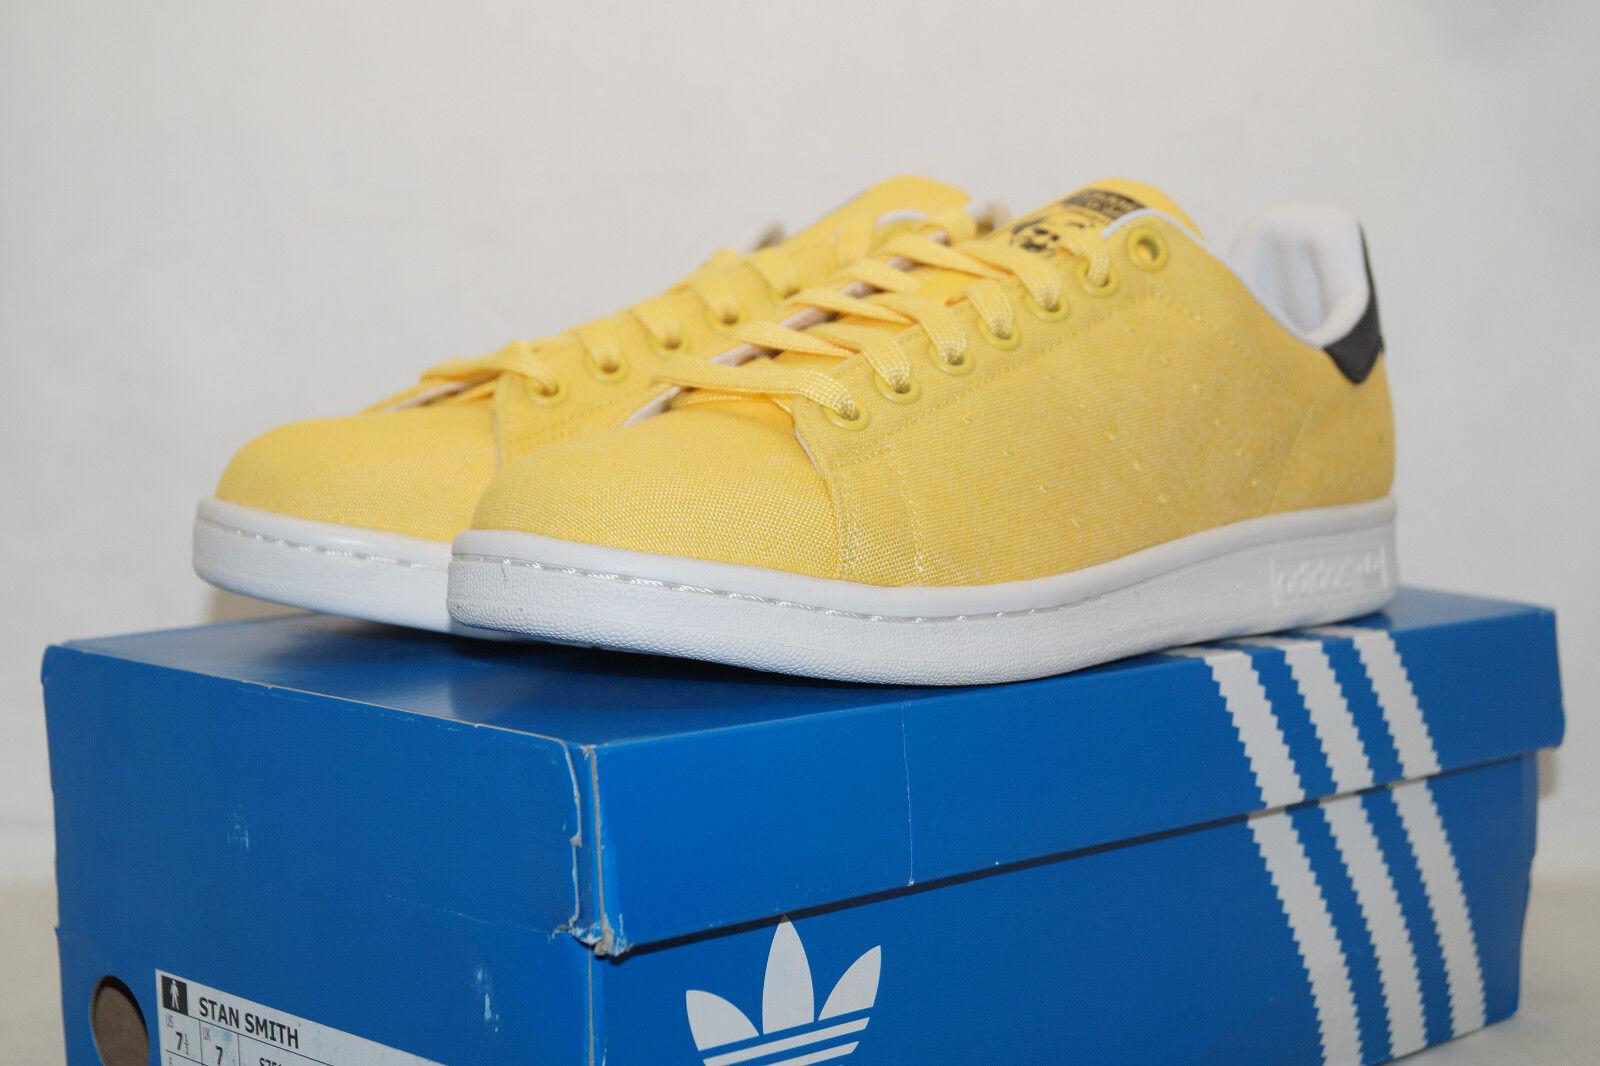 Adidas Originals Stan Smith UE 40.6 amarillo amarillo s75112 Gomaespuma